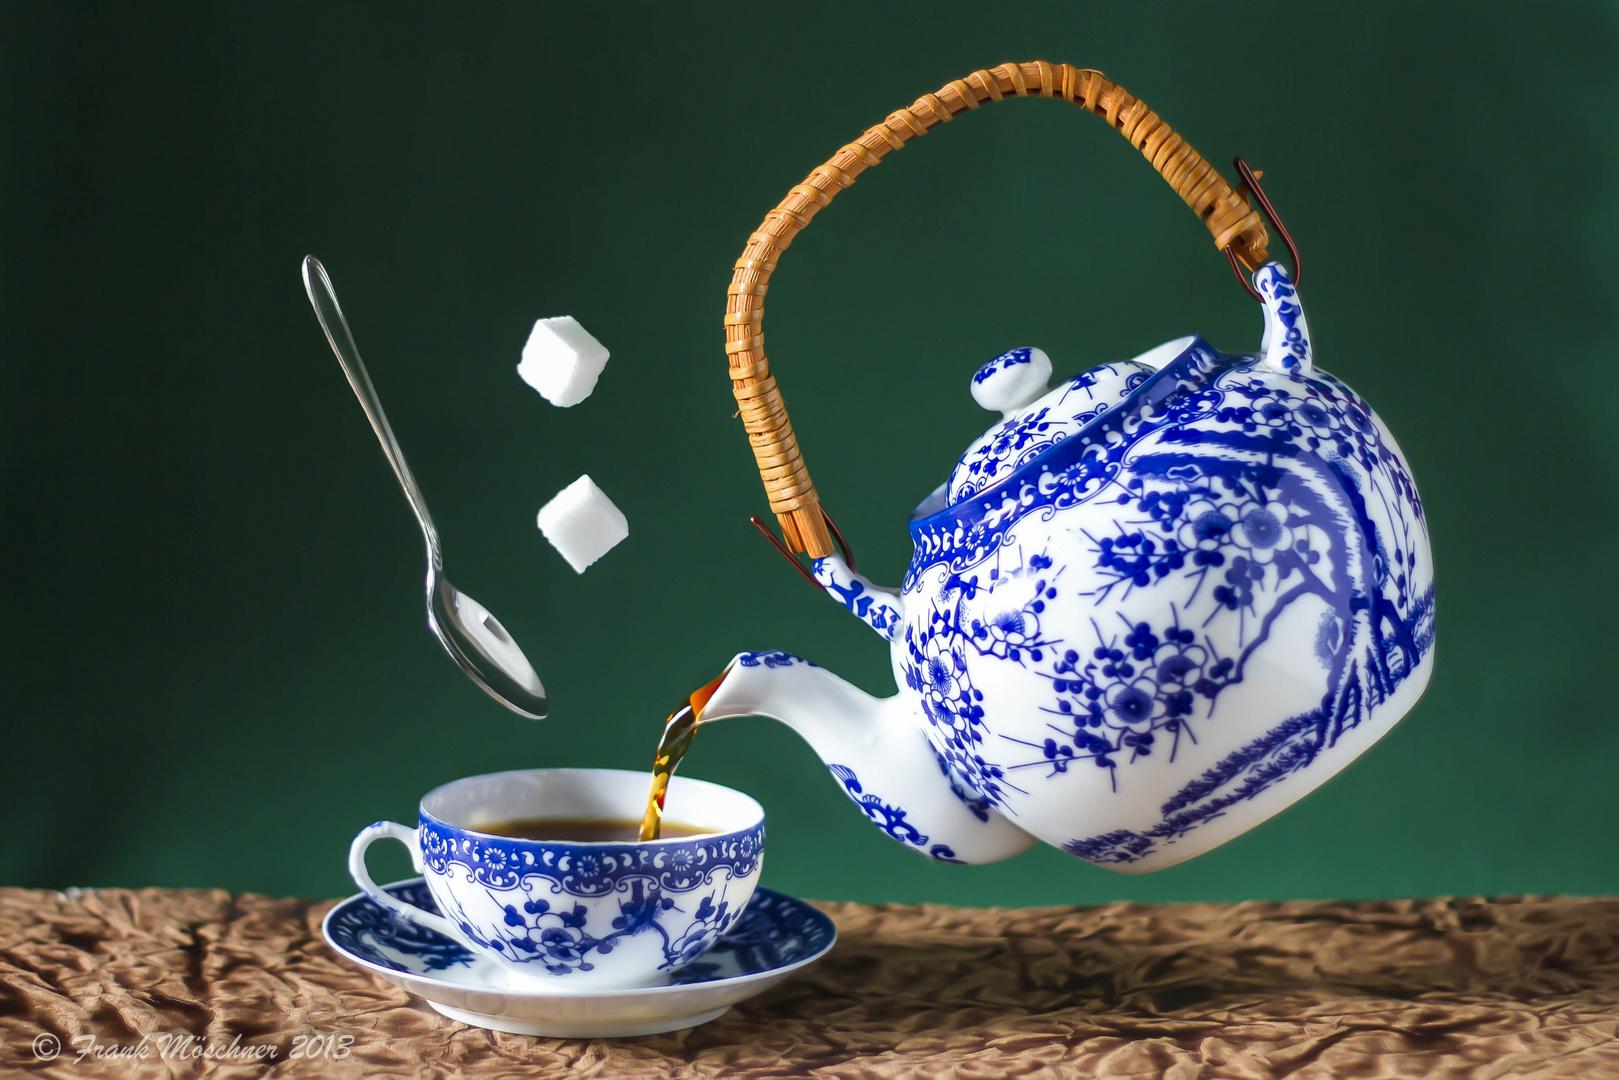 Der Weg zum Himmel führt an der Teekanne vorbei.